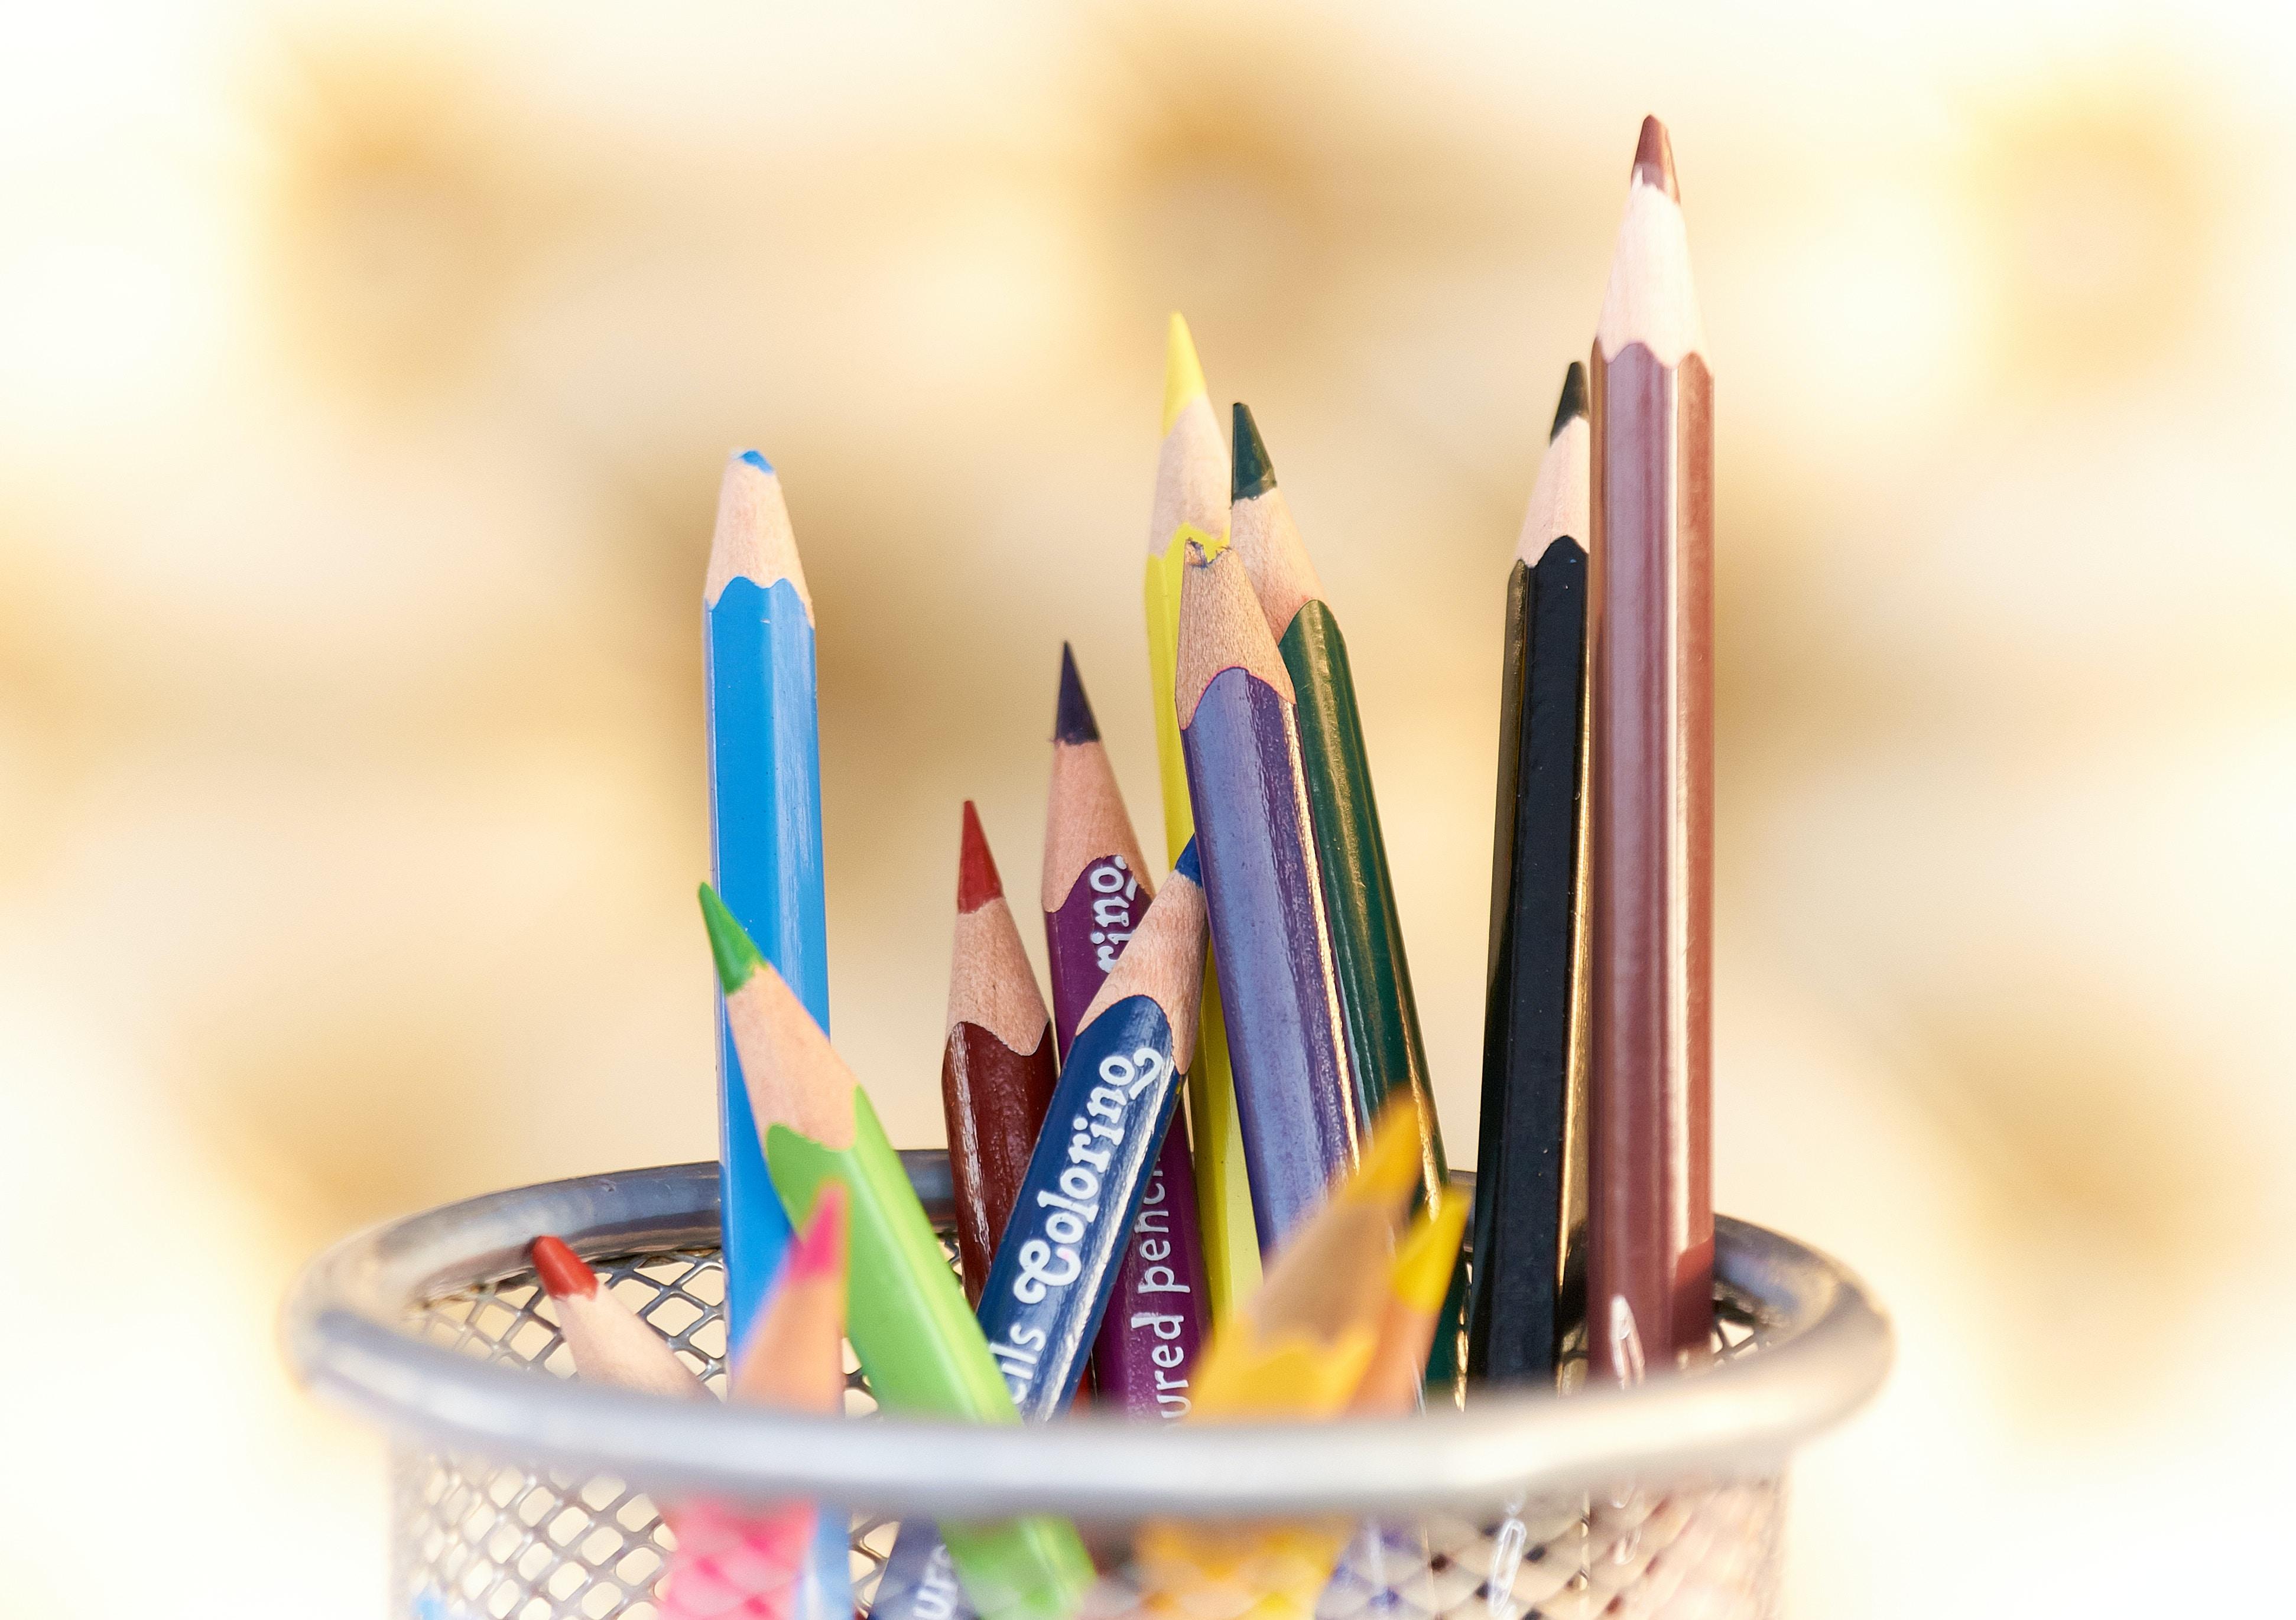 pencils in a pen pot. home school supplies